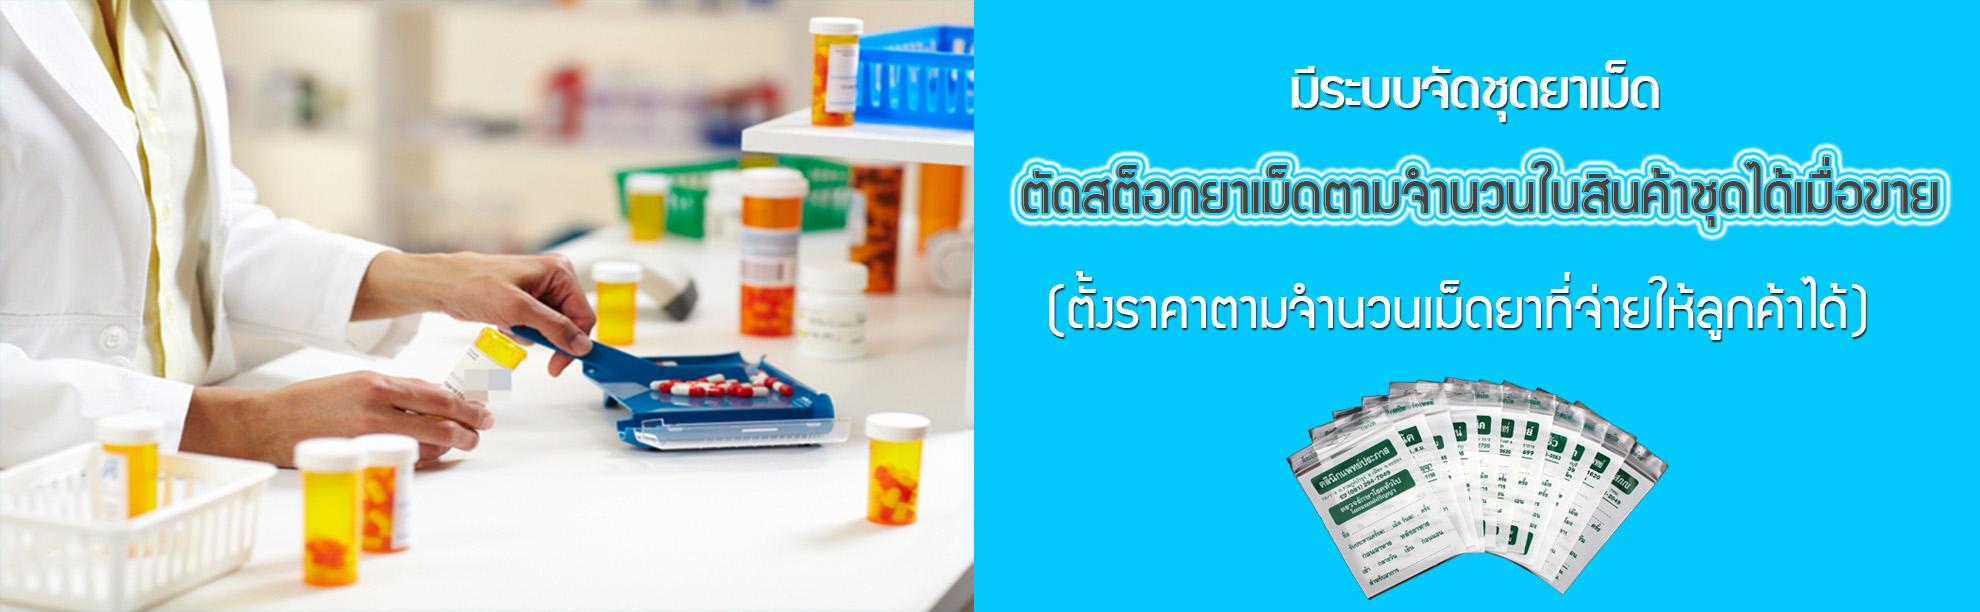 มีระบบจัดชุดยาเม็ด-โปรแกรมร้านยา ranyadee